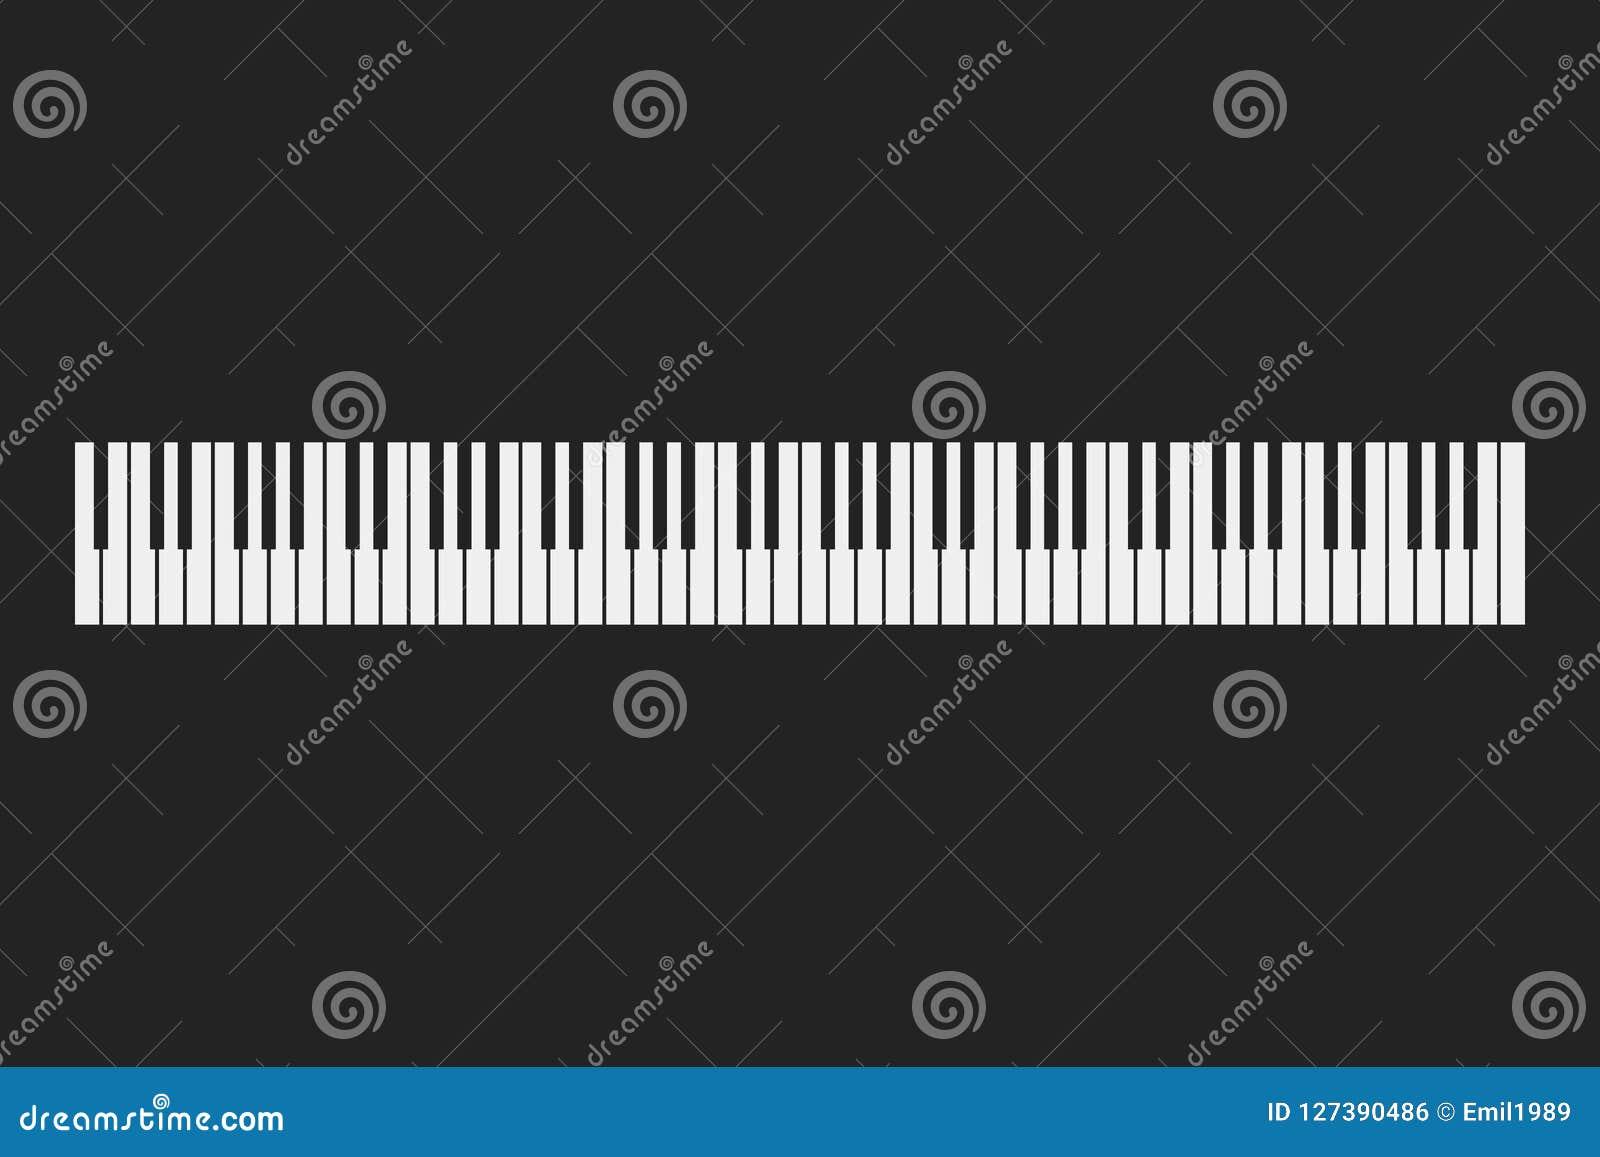 琴键仪器背景